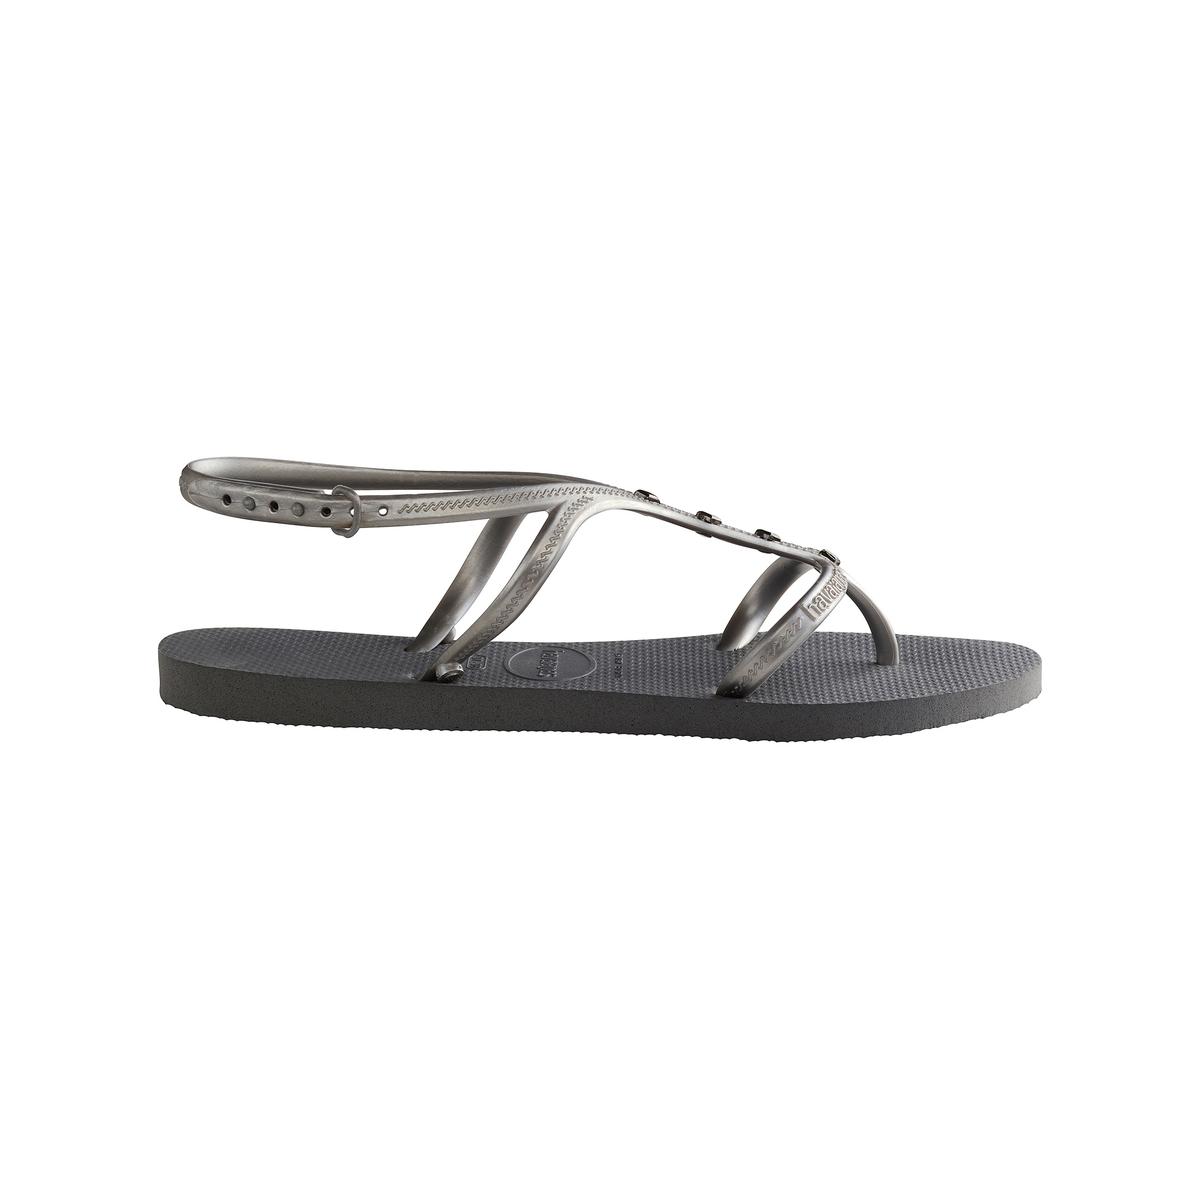 Вьетнамки Allure MaxiВерх/Голенище : каучук   Стелька : каучук   Подошва : каучук   Форма каблука : плоский каблук   Мысок : открытый мысок   Застежка : без застежки<br><br>Цвет: серый